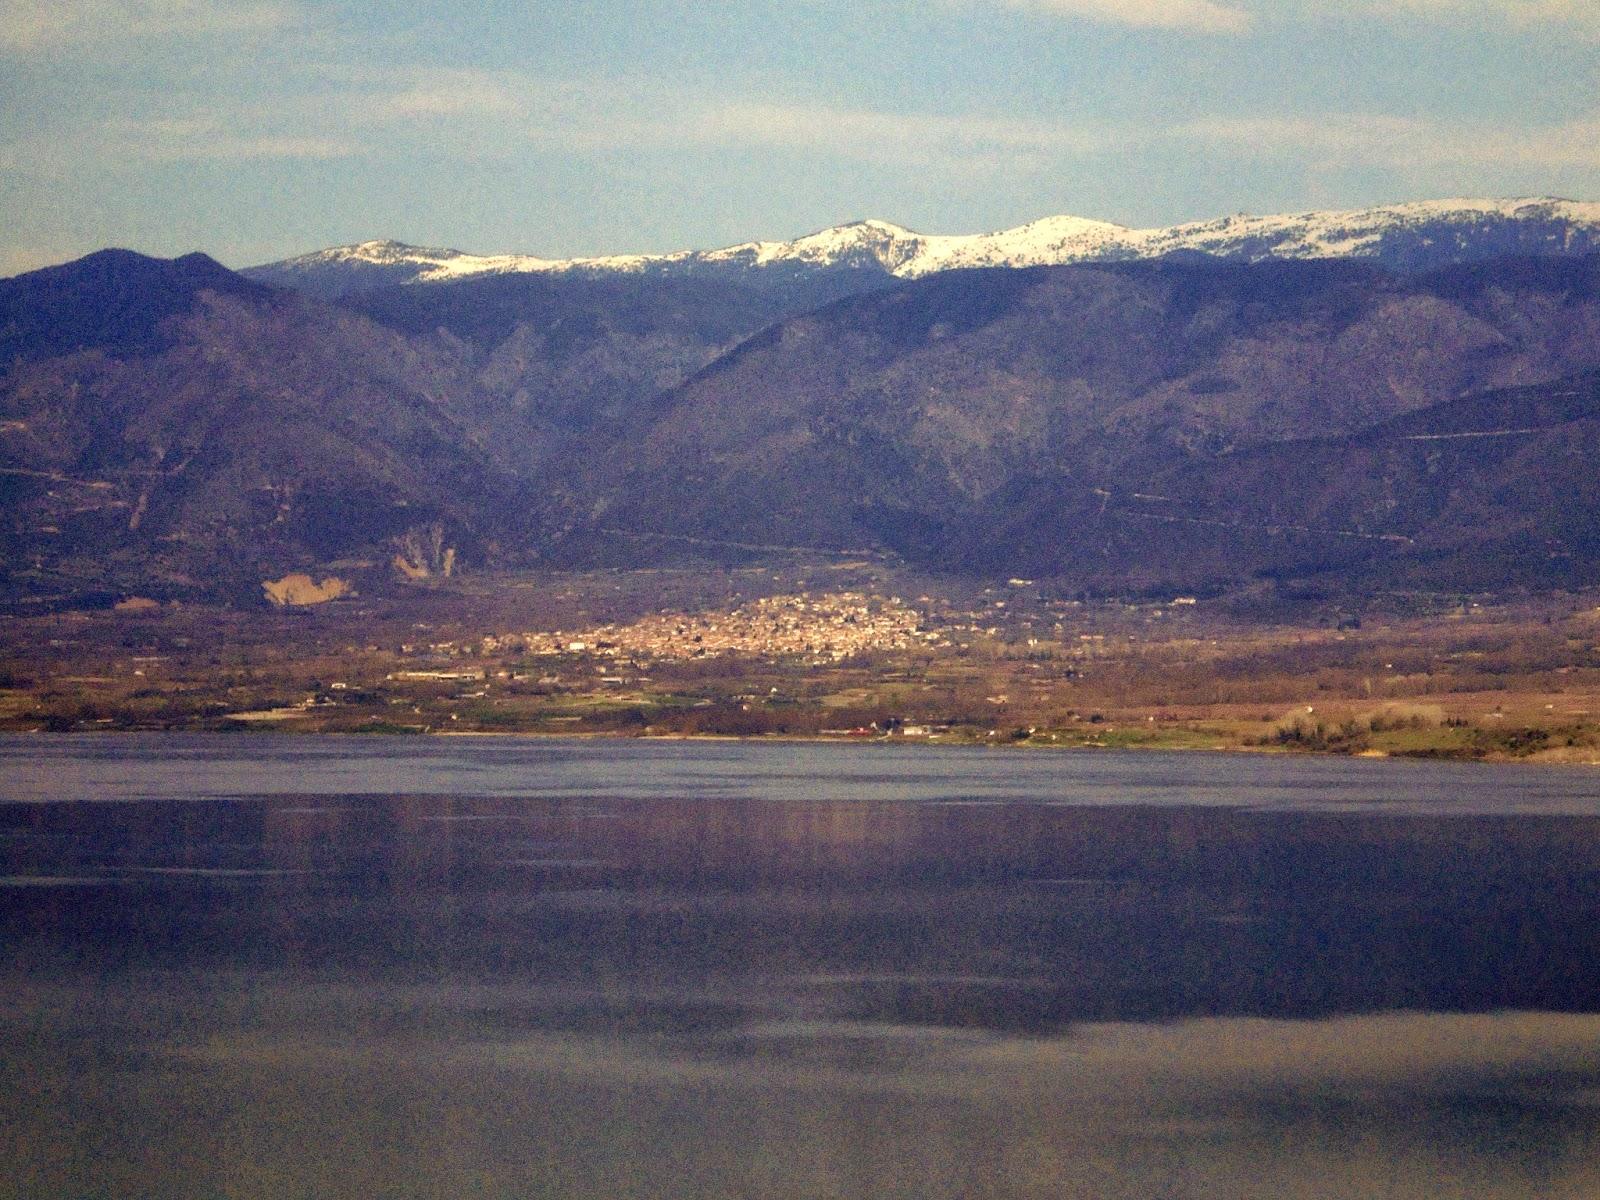 τεχνητή λίμνη Πολυφύτου στο νομό Κοζάνης